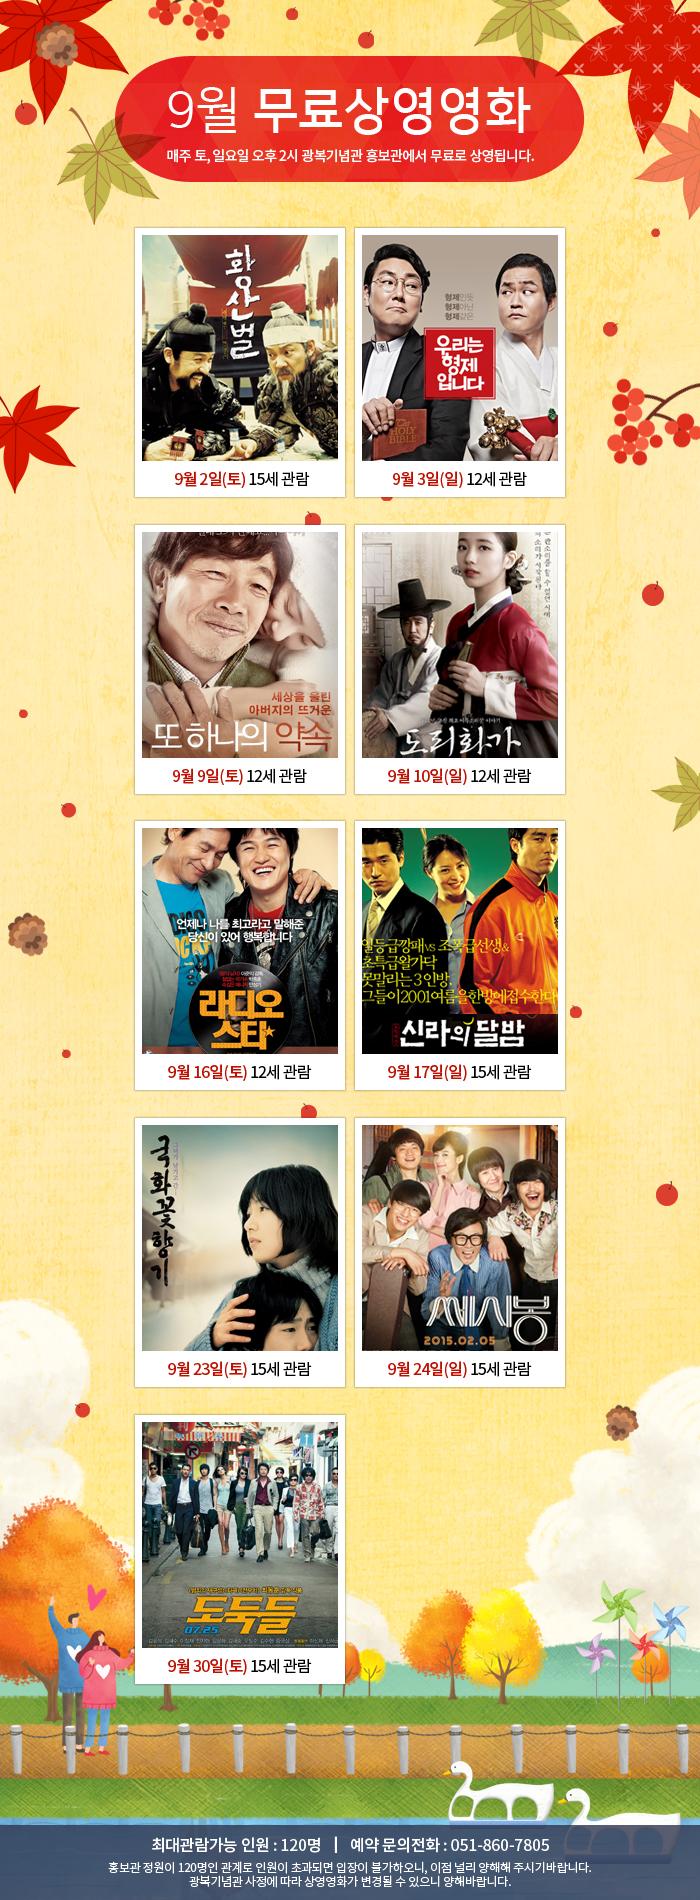 2017년 9월 무료영화 상영 안내 이미지1번째